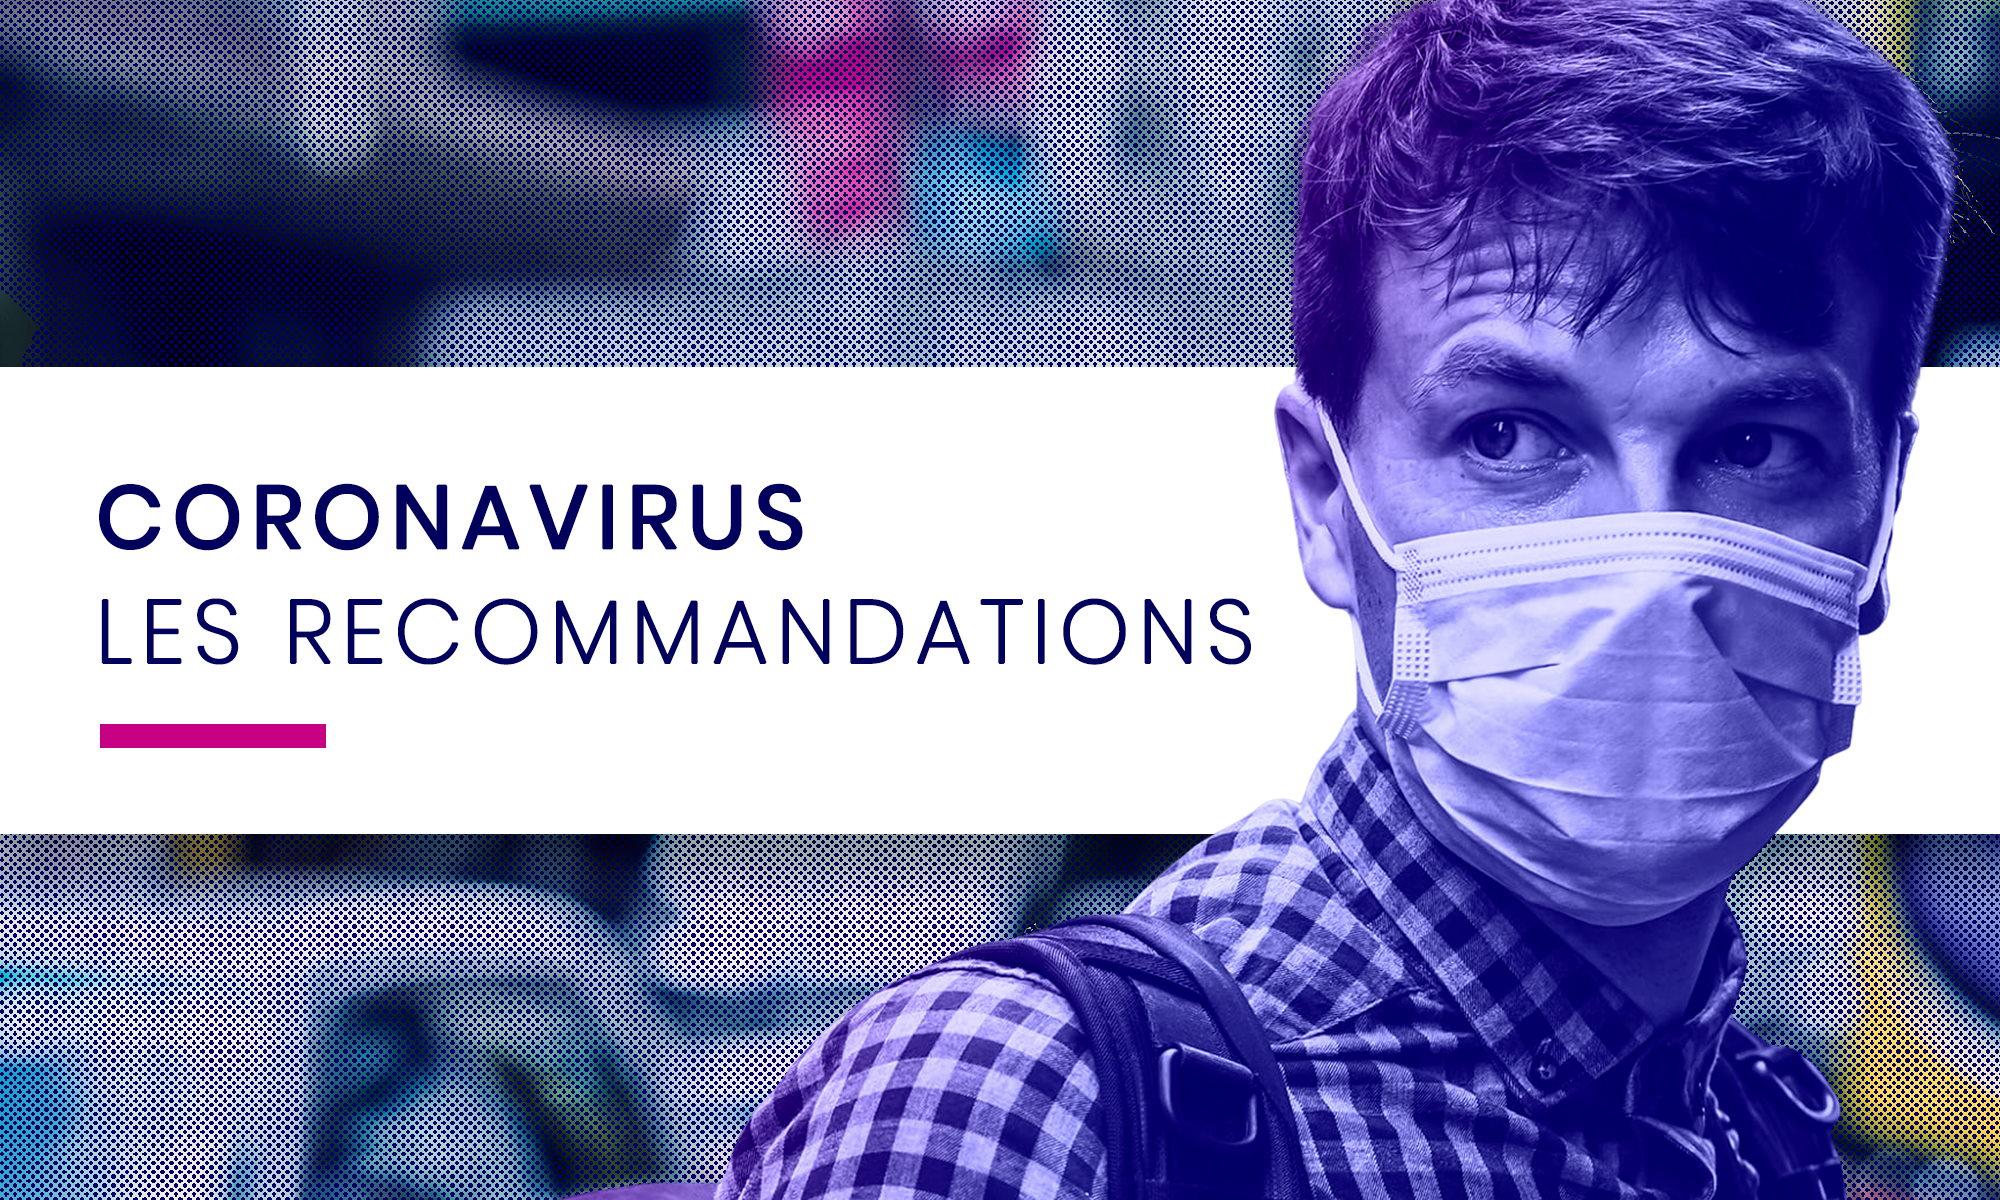 Coronavirus les recommandations - Concilio